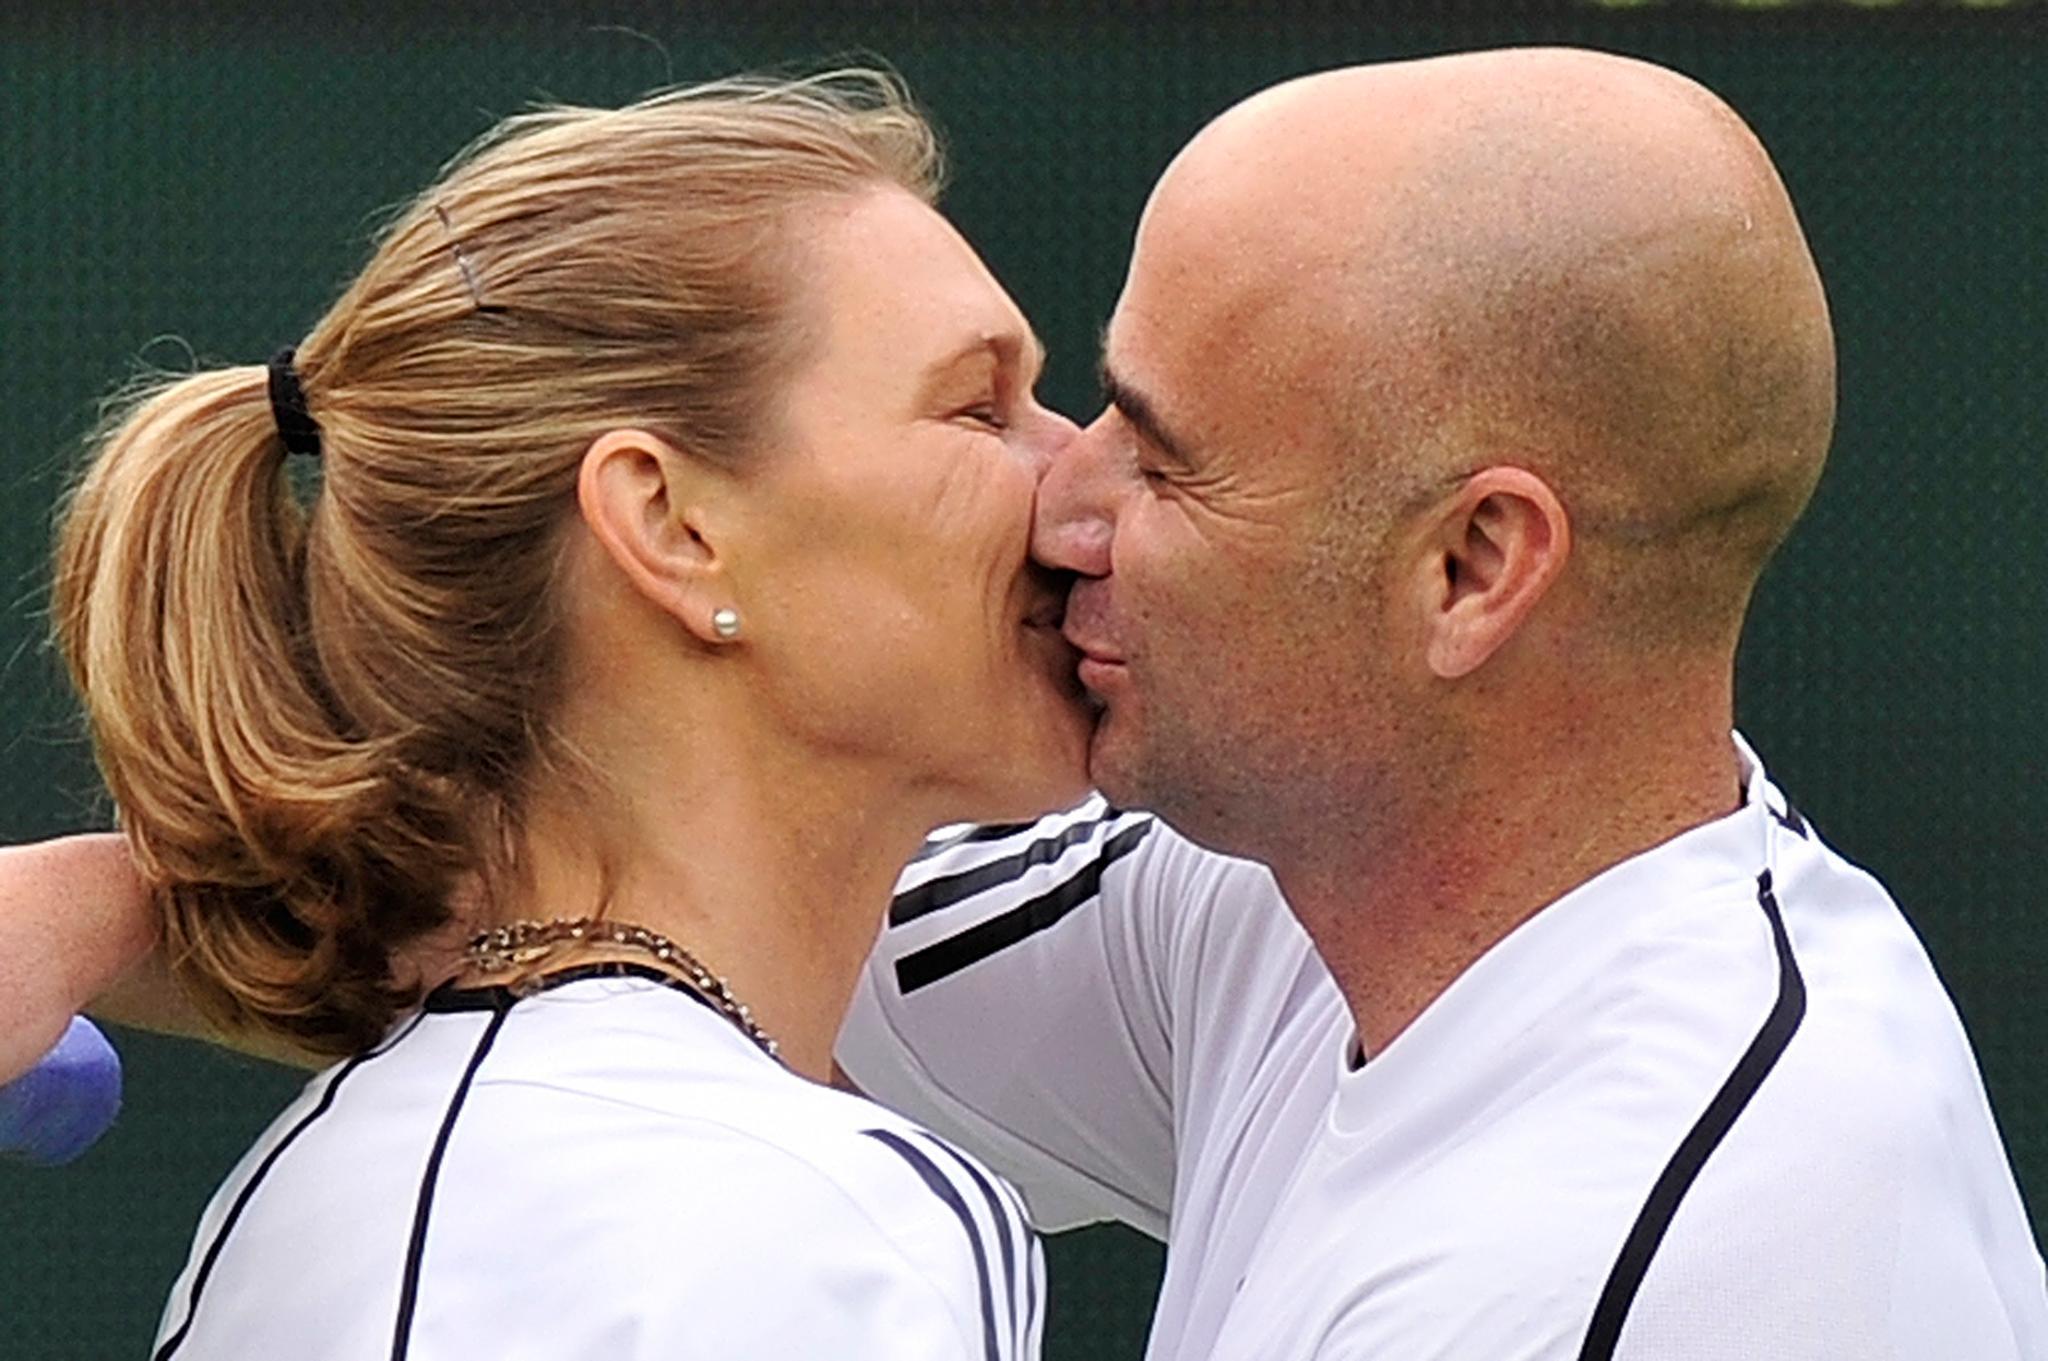 Immer ein gutes Team - egal ob auf dem Tennisplatz oder Zuhause.